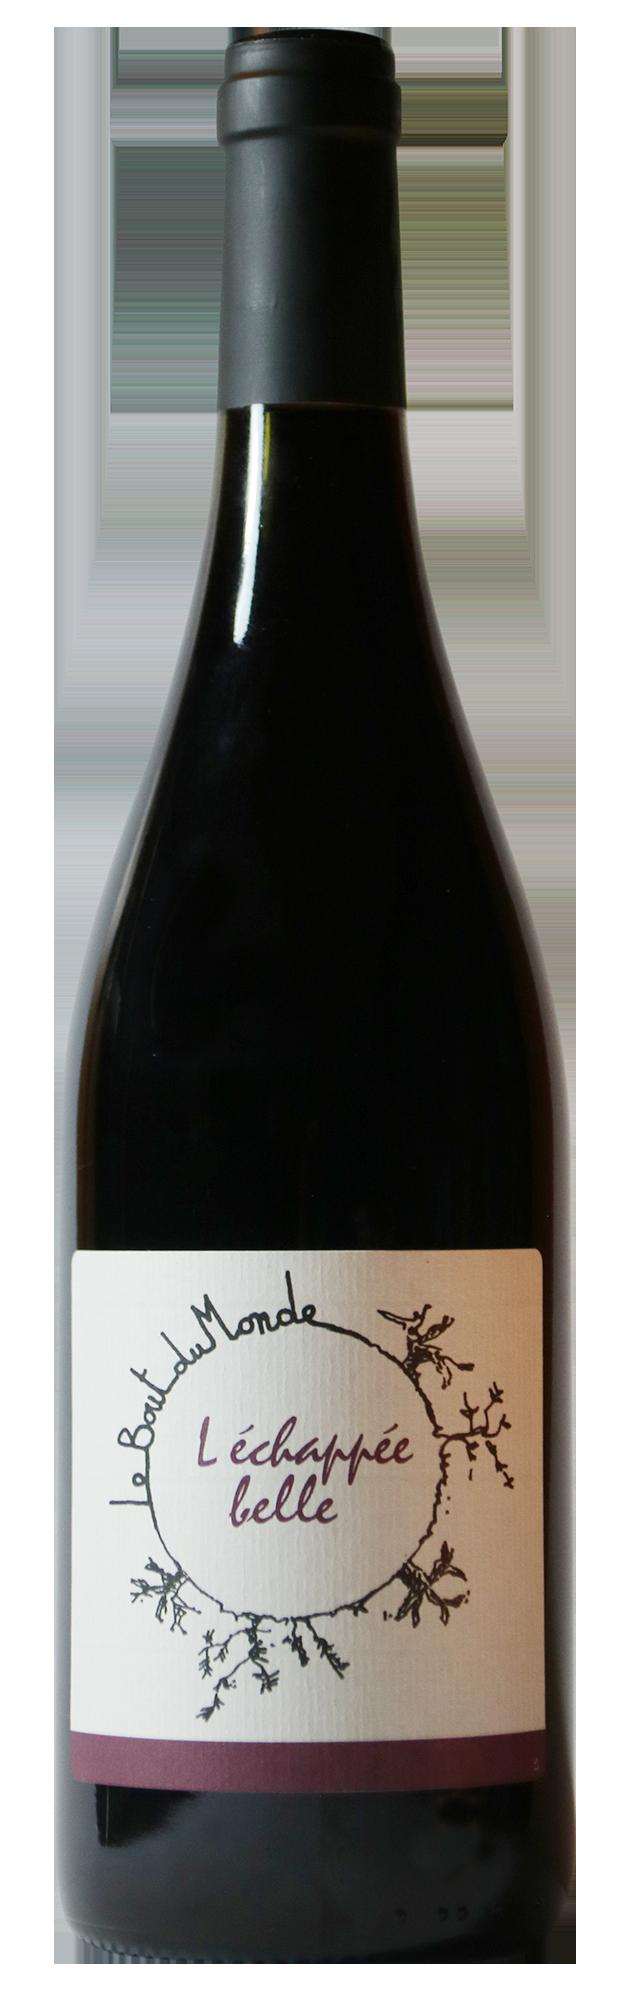 Bouteille de vin rouge naturel, L'échappée Belle 2019 Domaine du Bout du Monde